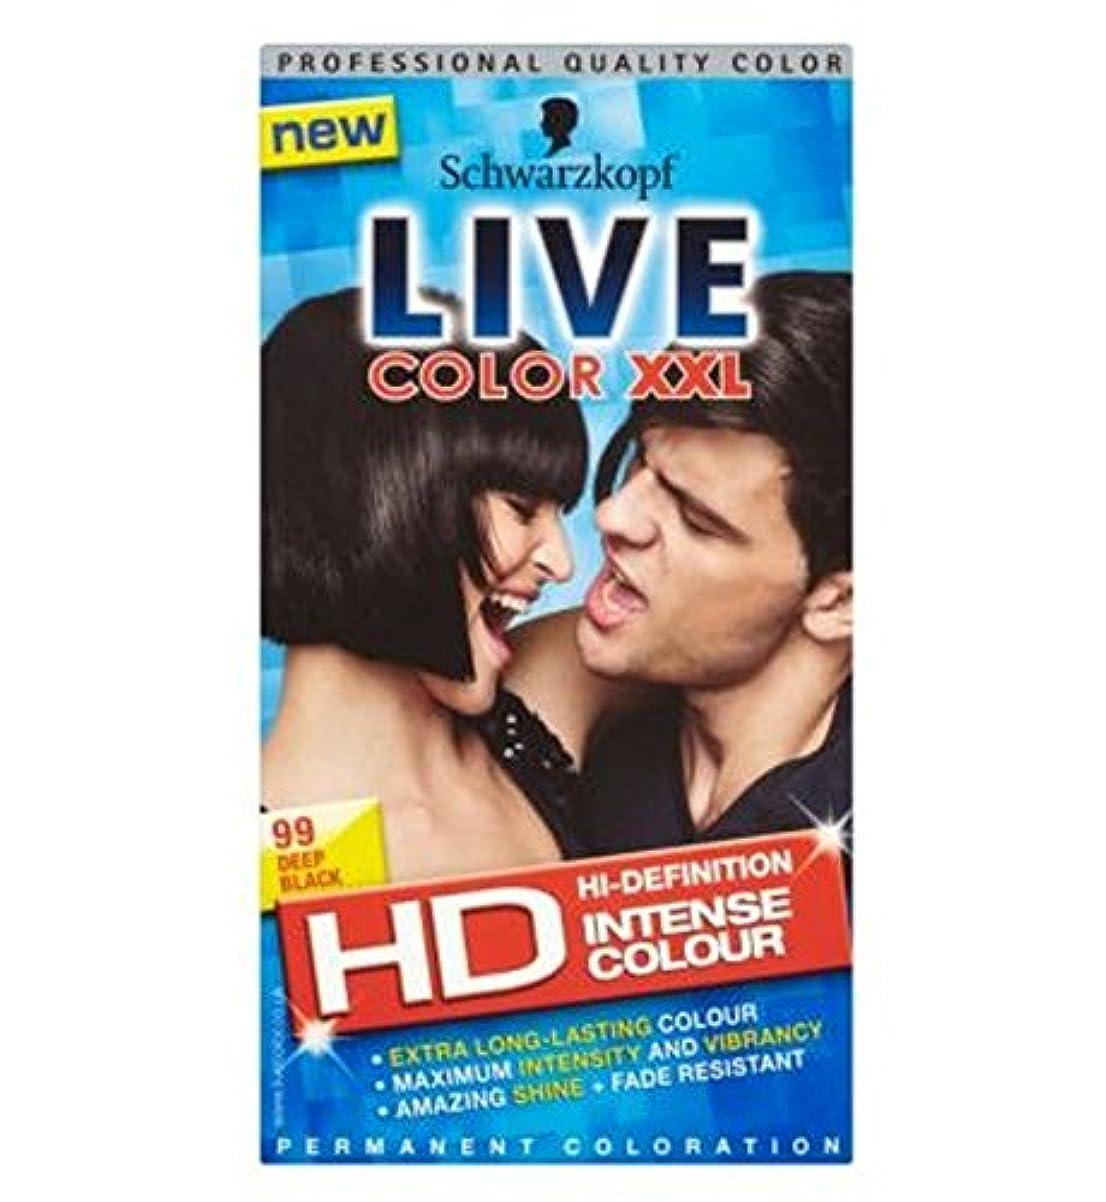 換気相談する後継Schwarzkopf LIVE Color XXL HD 99 Deep Black Permanent Black Hair Dye - シュワルツコフライブカラーXxl Hd 99深い黒のパーマネント黒染毛剤 (Schwarzkopf) [並行輸入品]